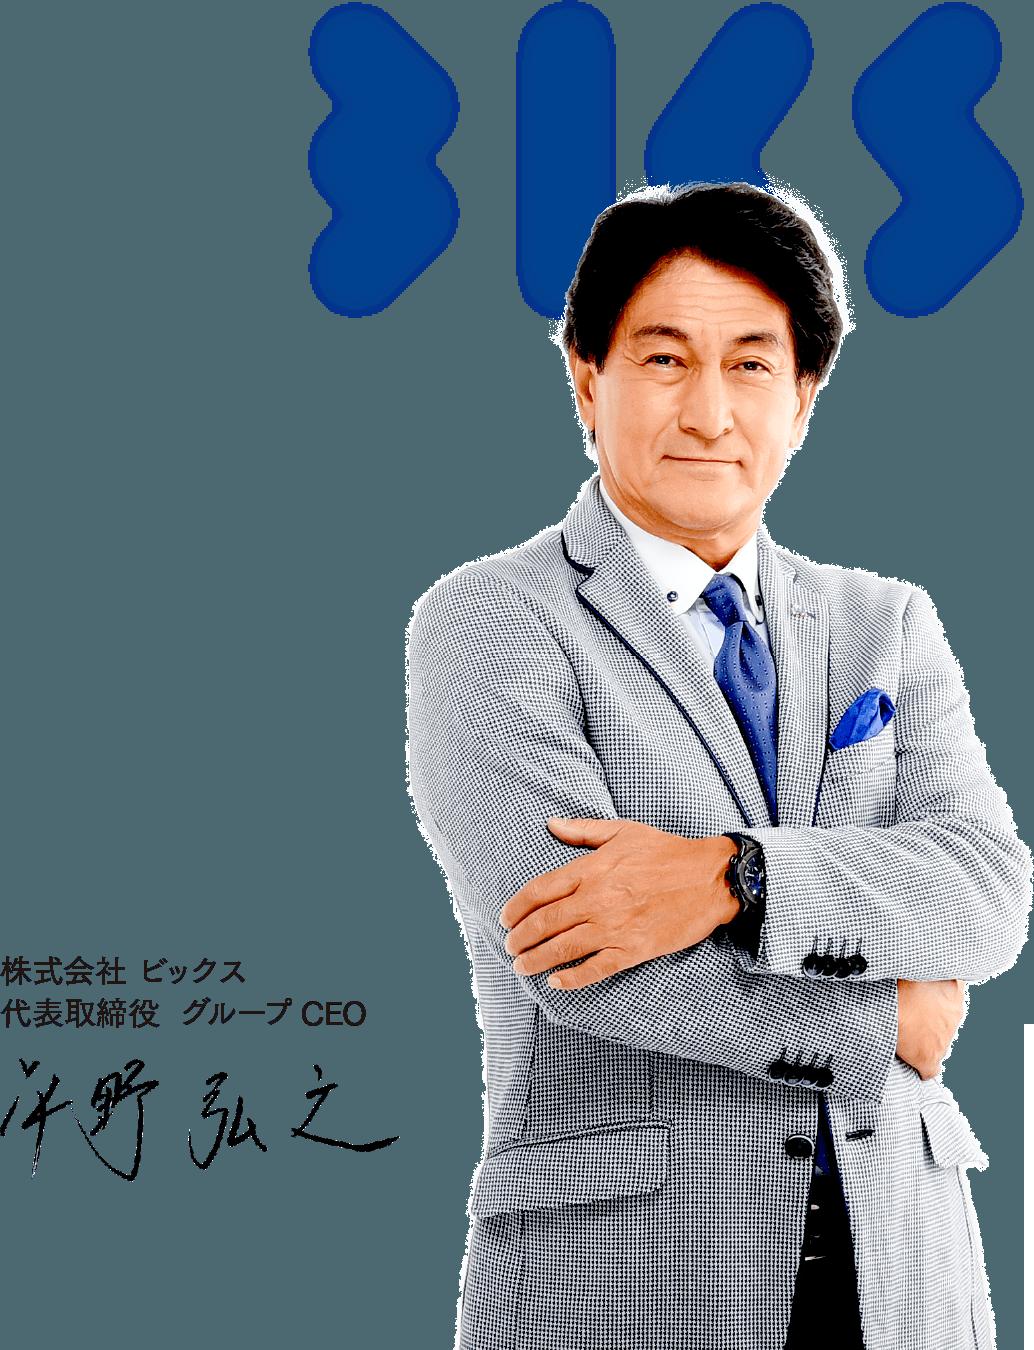 株式会社ビックス 代表取締役 グループCEO 平野 弘之